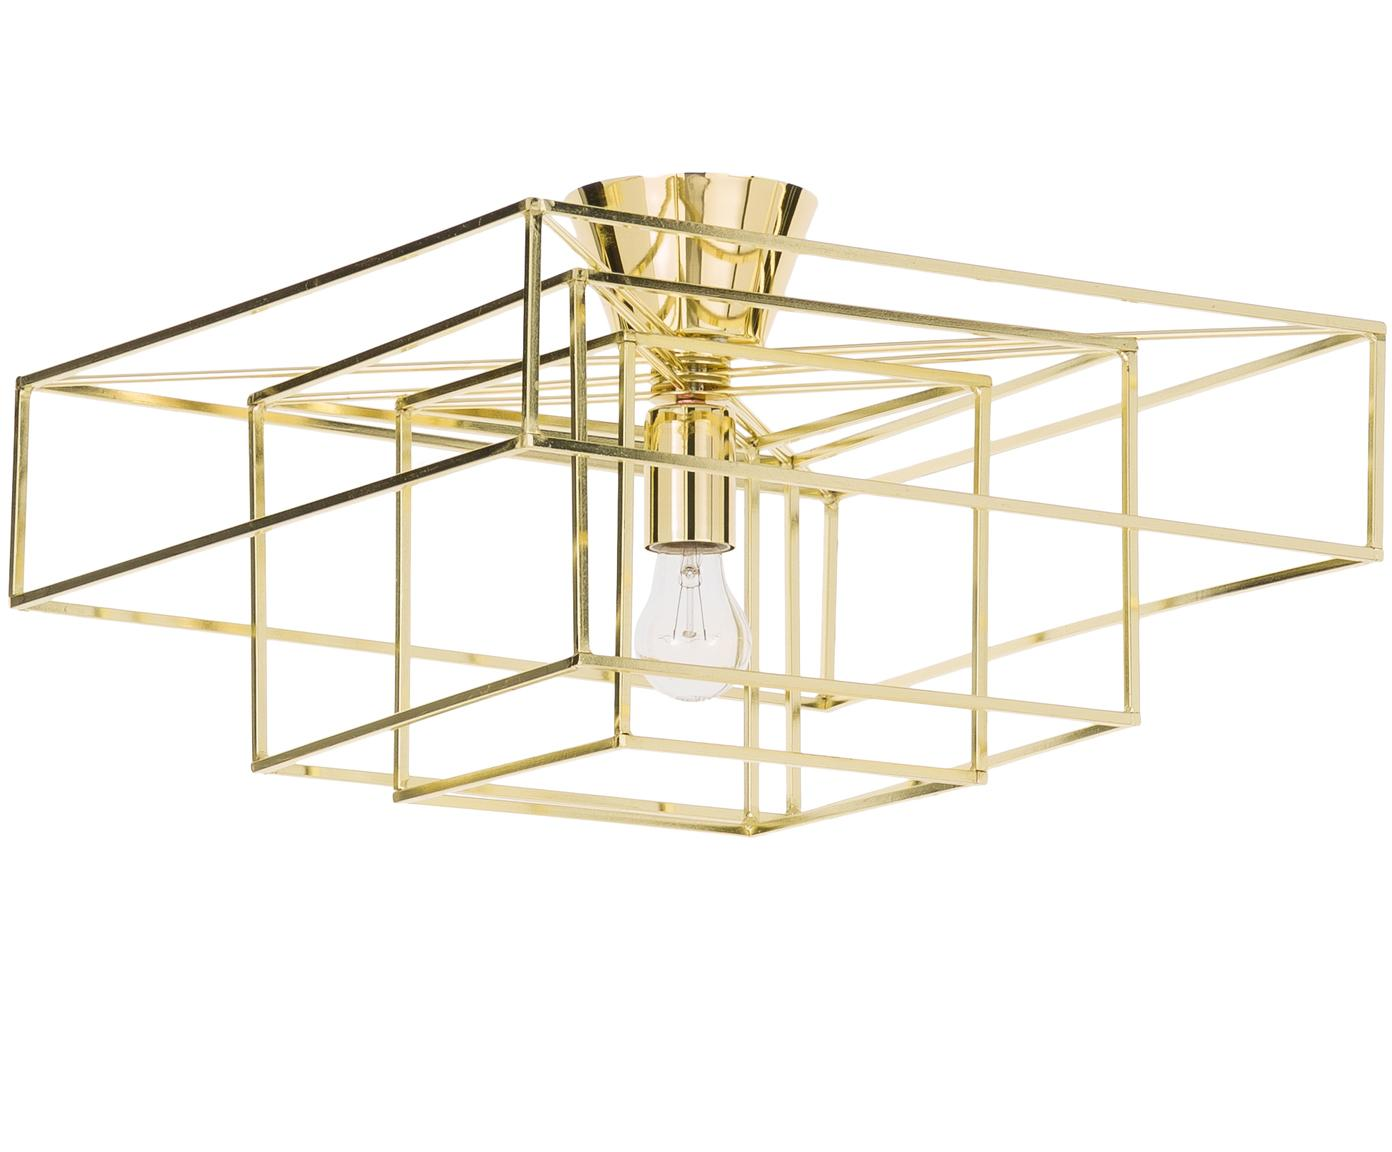 Lampa sufitowa Cube, Mosiądz lakierowany, Odcienie złotego, S 46 x W 27 cm